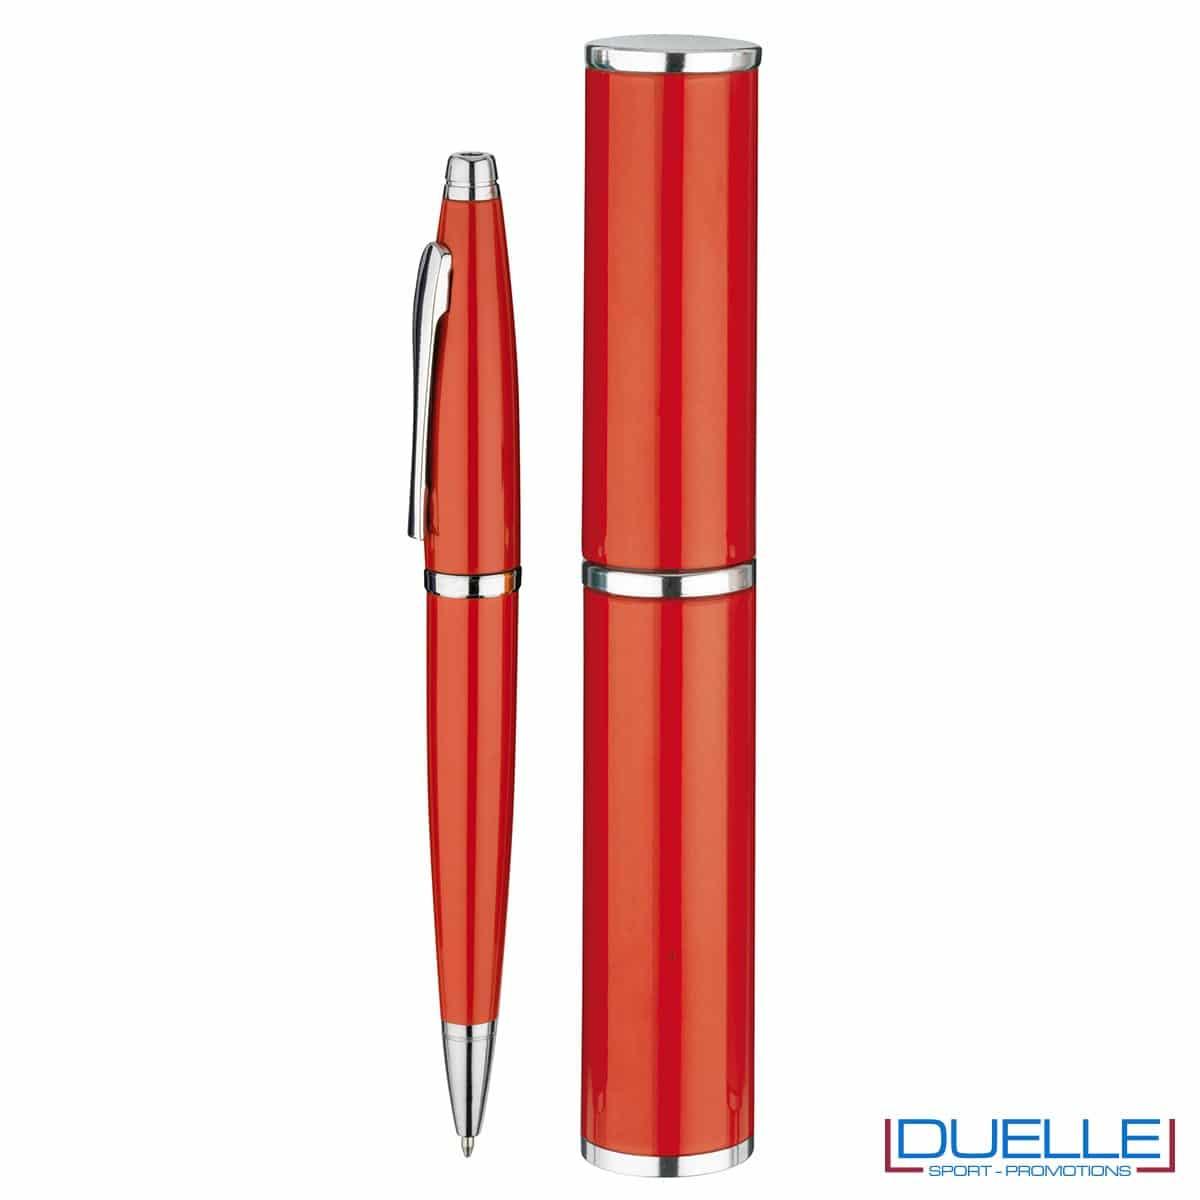 penna personalizzata in alluminio colore rosso confezionata in cilindro regalo